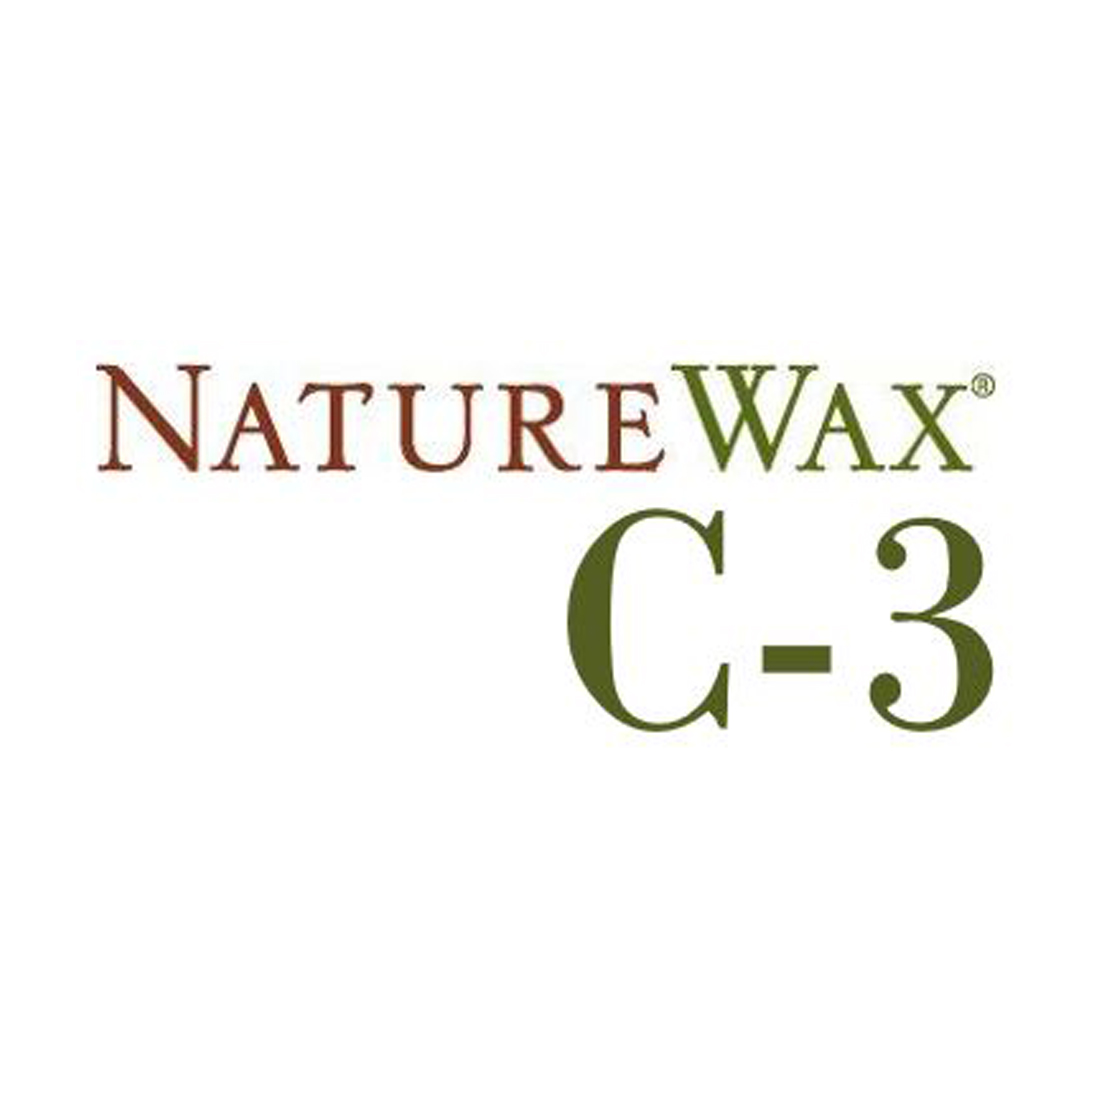 NatureWax